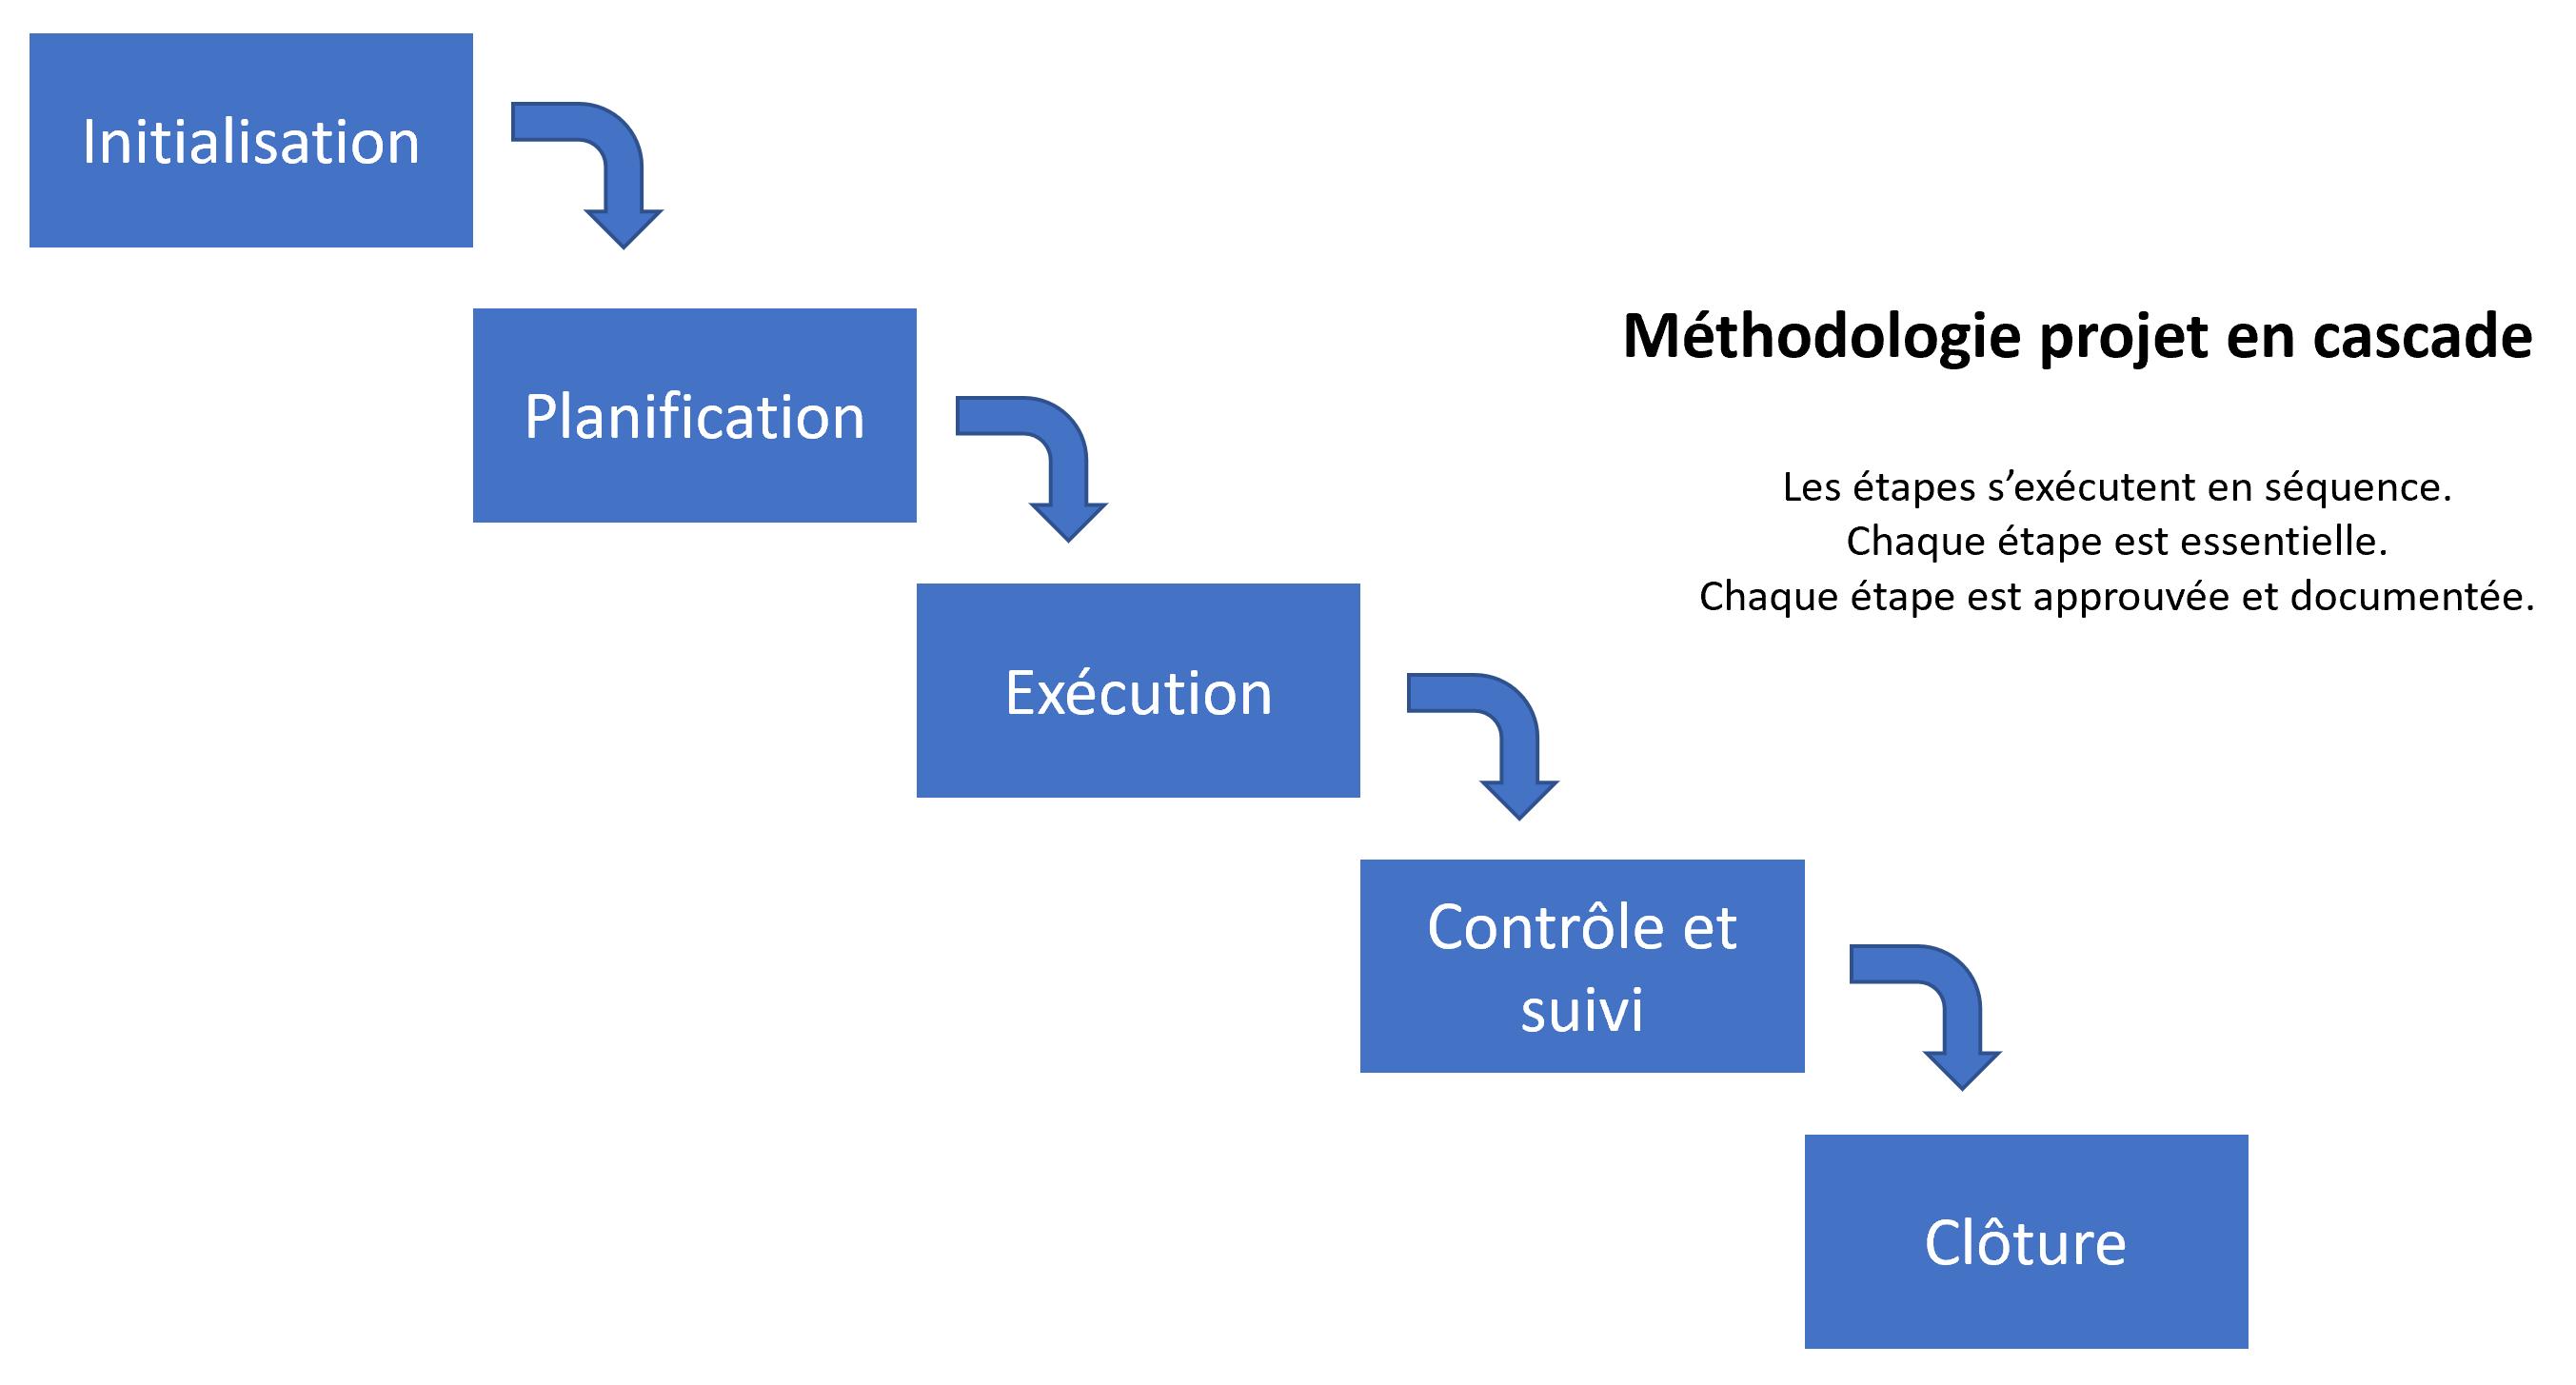 Modèle en cascade, avantages et inconvénients 1